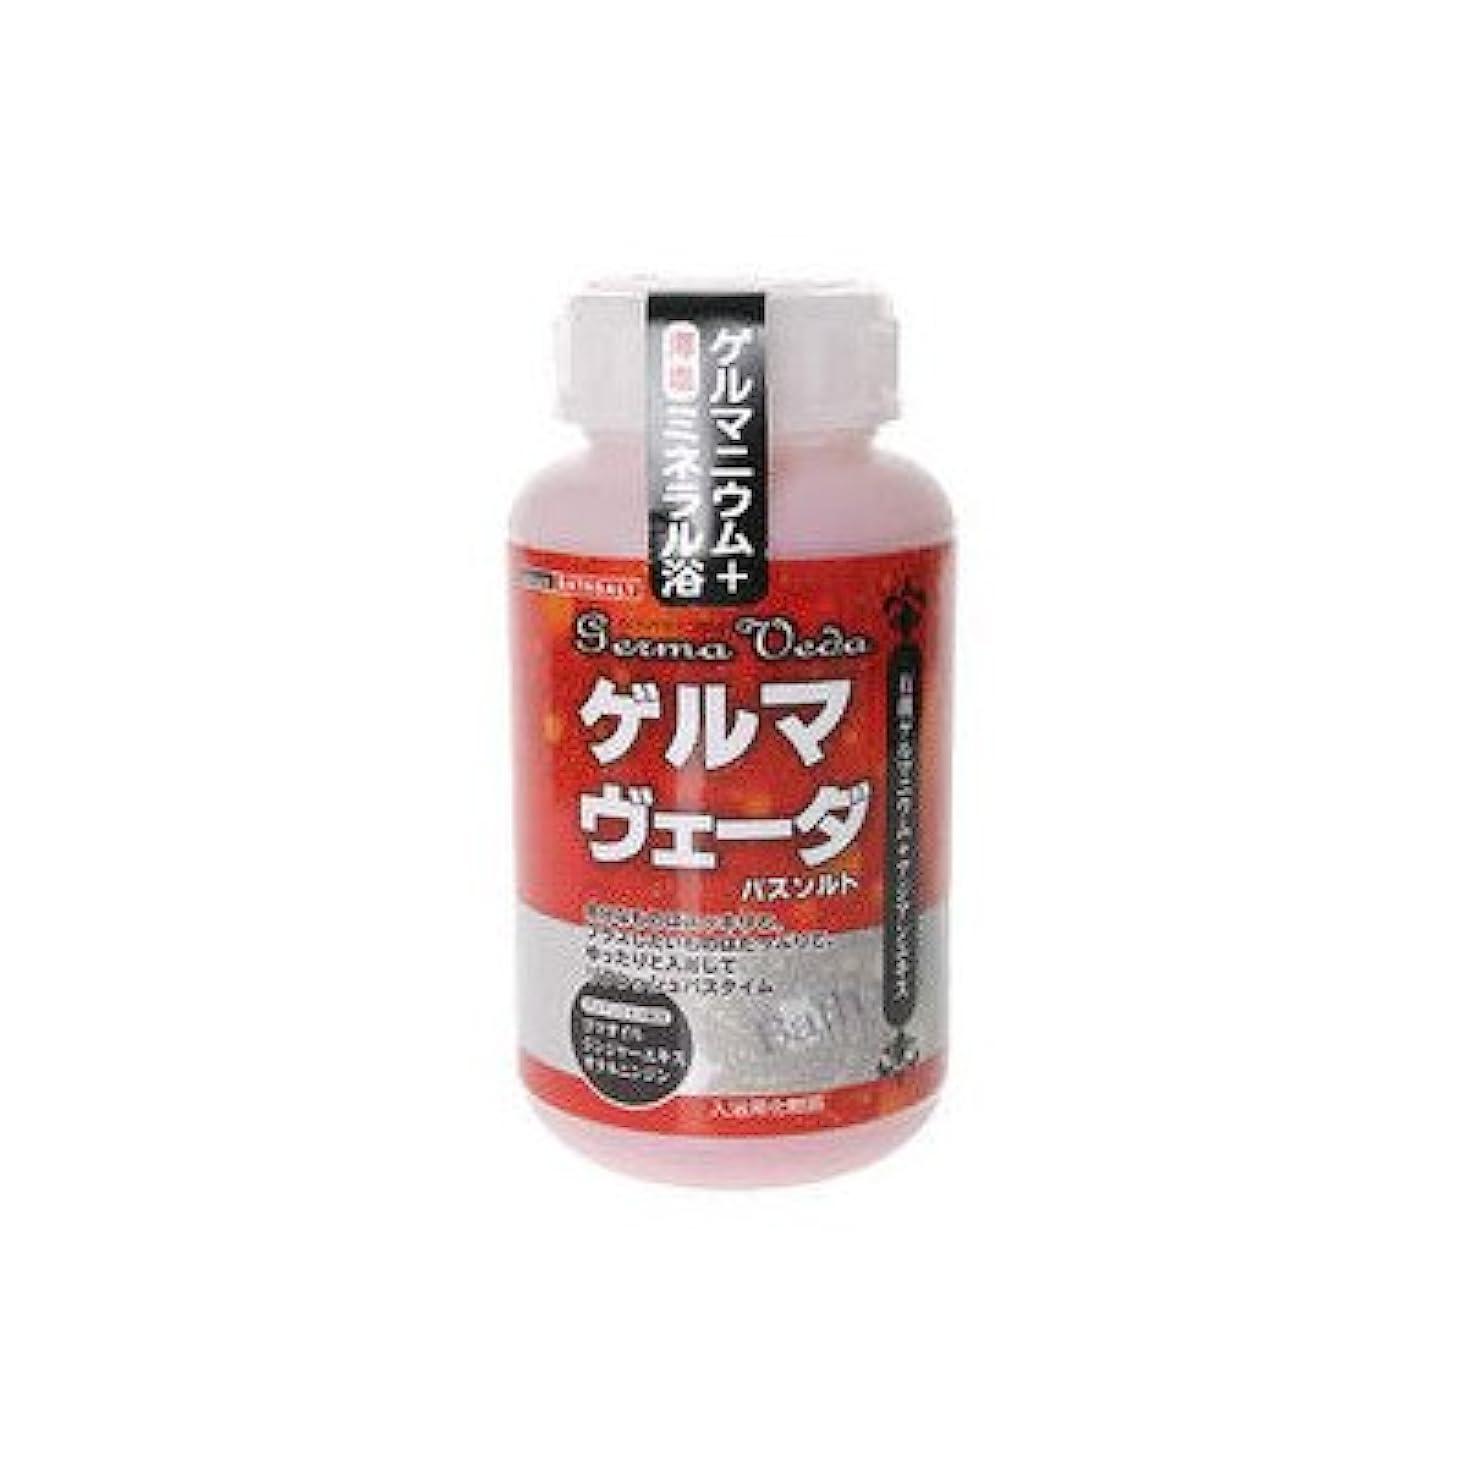 ホステル大胆不敵祝うゲルマヴェーダ(ゲルマニウム温浴) ボトル(630g) 4本